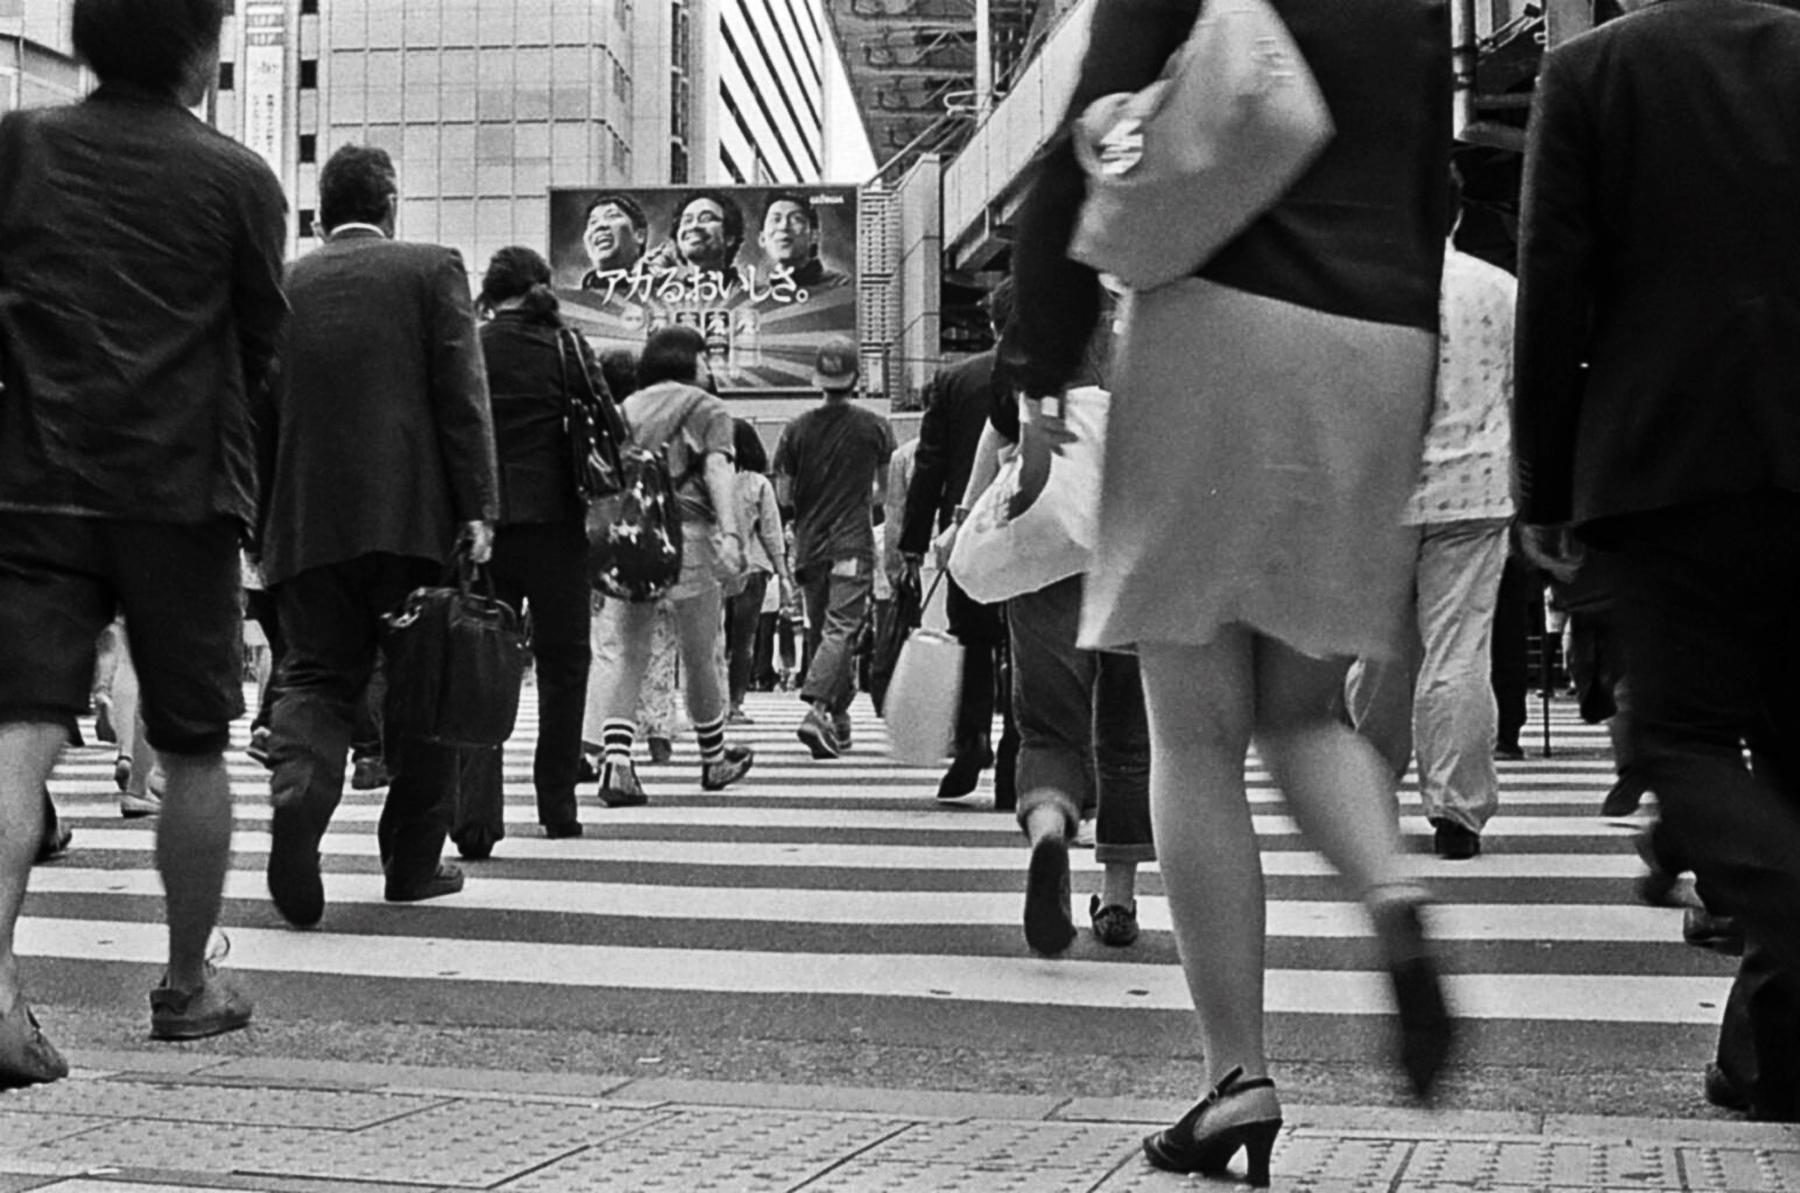 Osaka Mood | Pentax MX | SMC-Tak 50mm f/1.4 | Akiti Dezem